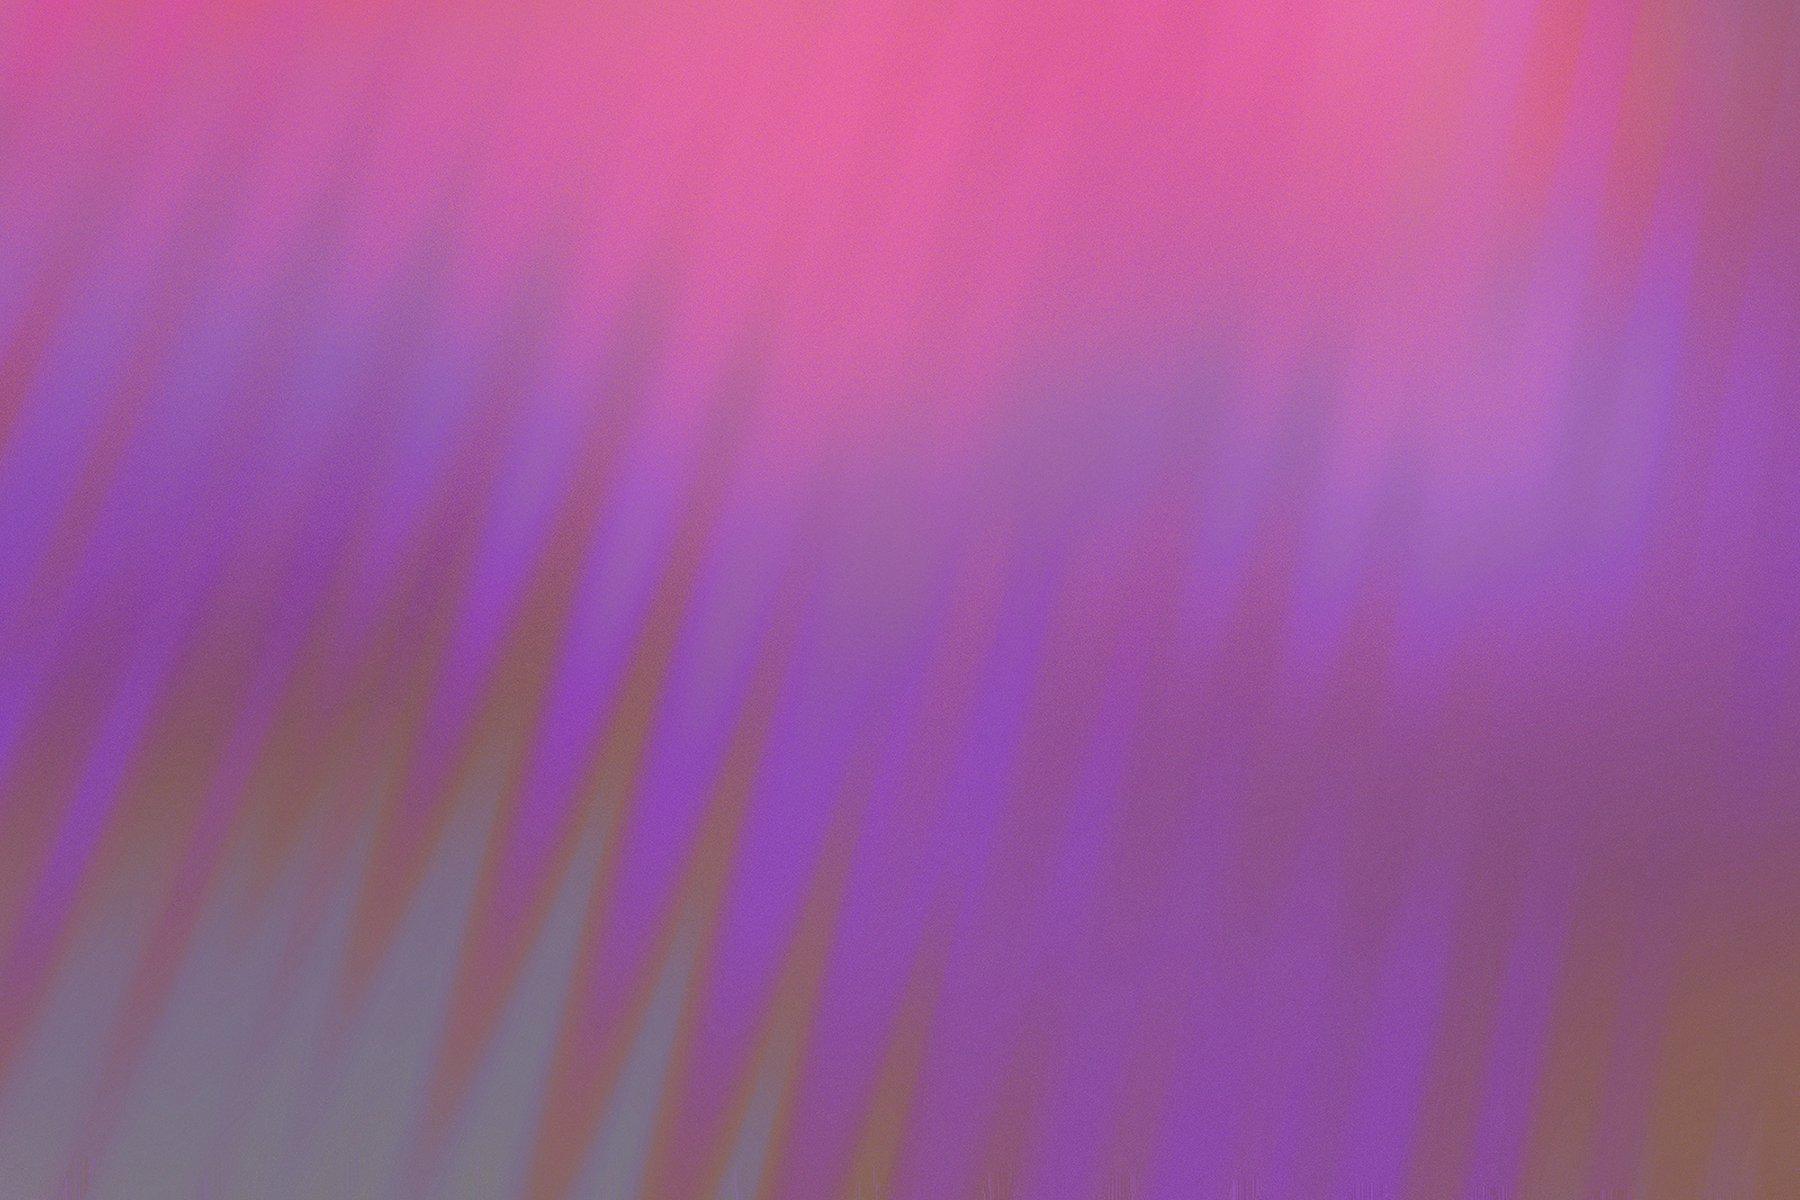 14款高清炫彩抽象艺术动感模糊渐变海报背景图片素材 Clear Supply – Temporal Two插图9